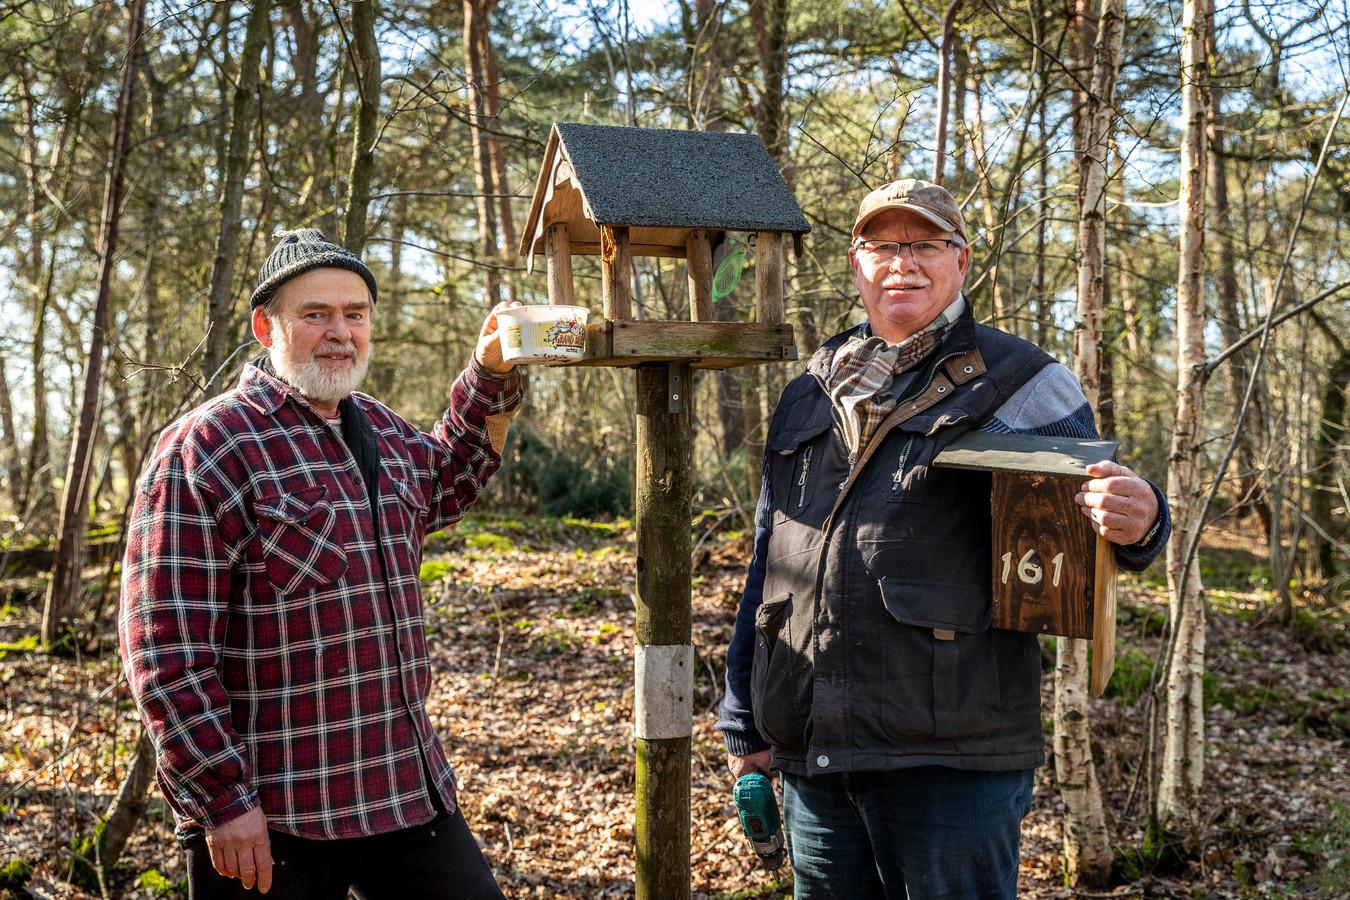 Theo Jeukens (links) en Piet van der Zanden voeren in de Lieropse natuur vogels en zorgen voor vogelhuisjes om zo de processierups te bestrijden zonder gif.